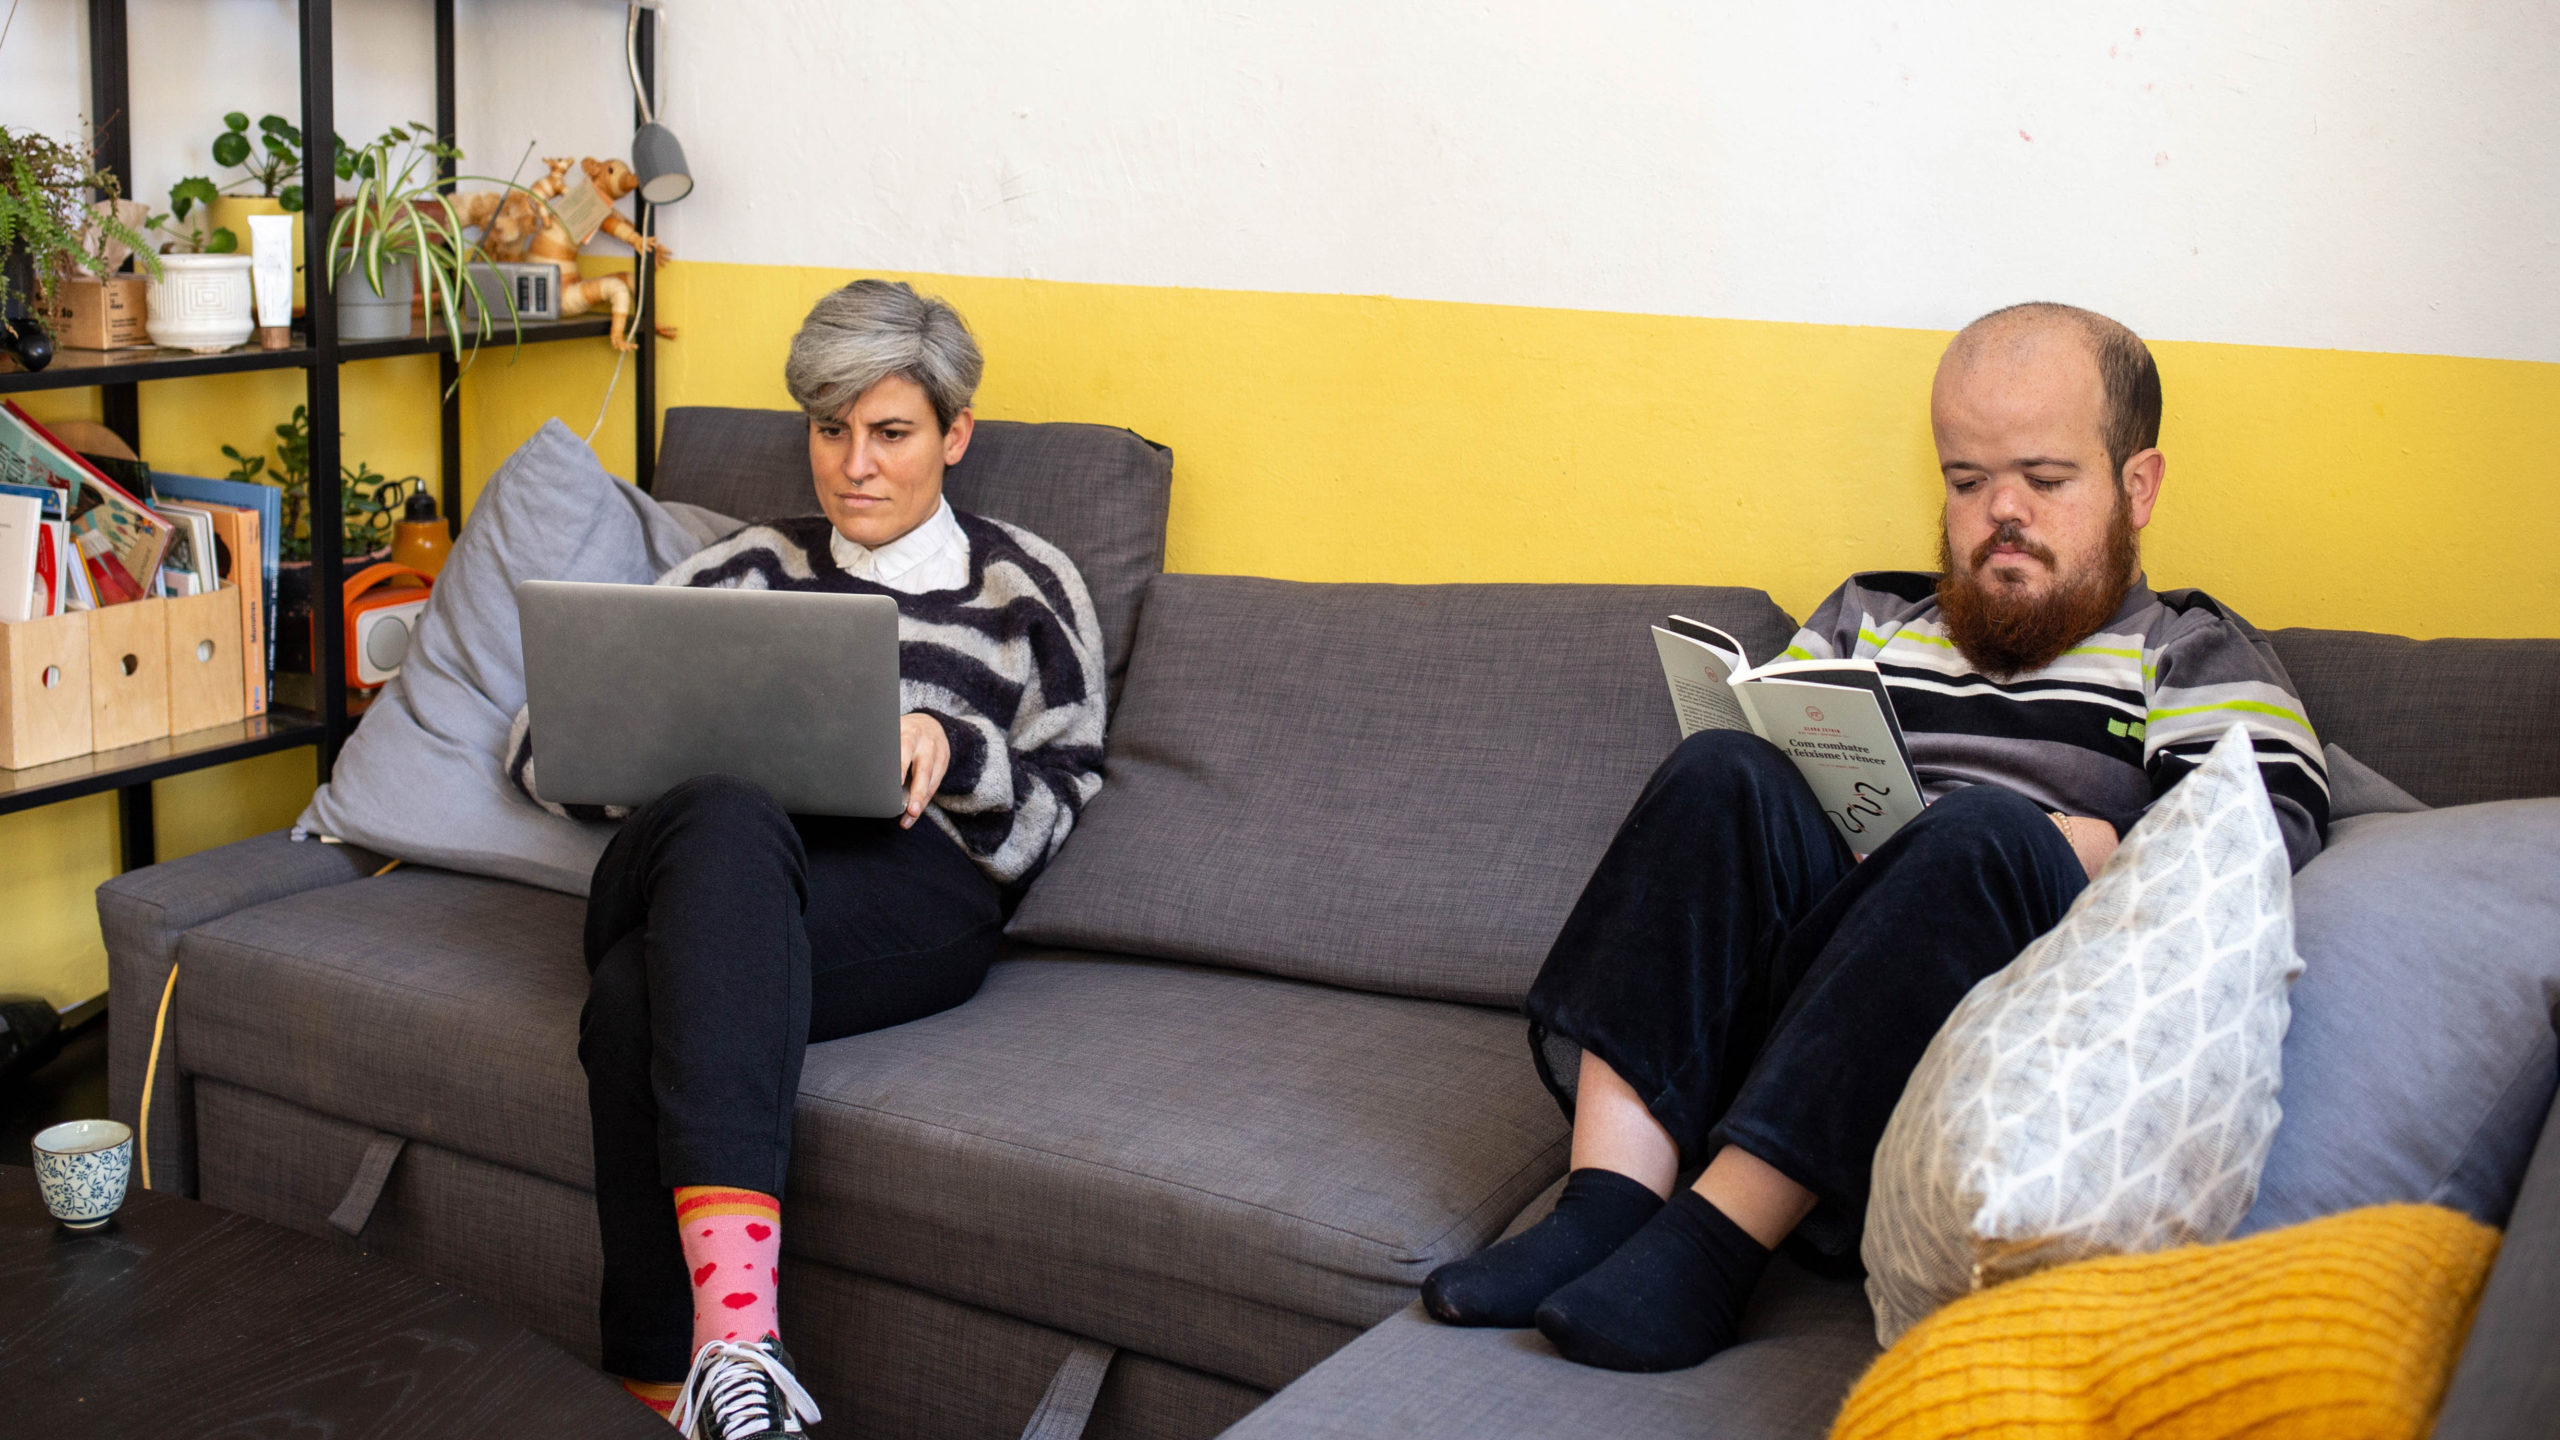 Una noia treballant amb l'ordinador i el seu company de pis llegint un llibre, tots dos asseguts al sofà del menjador